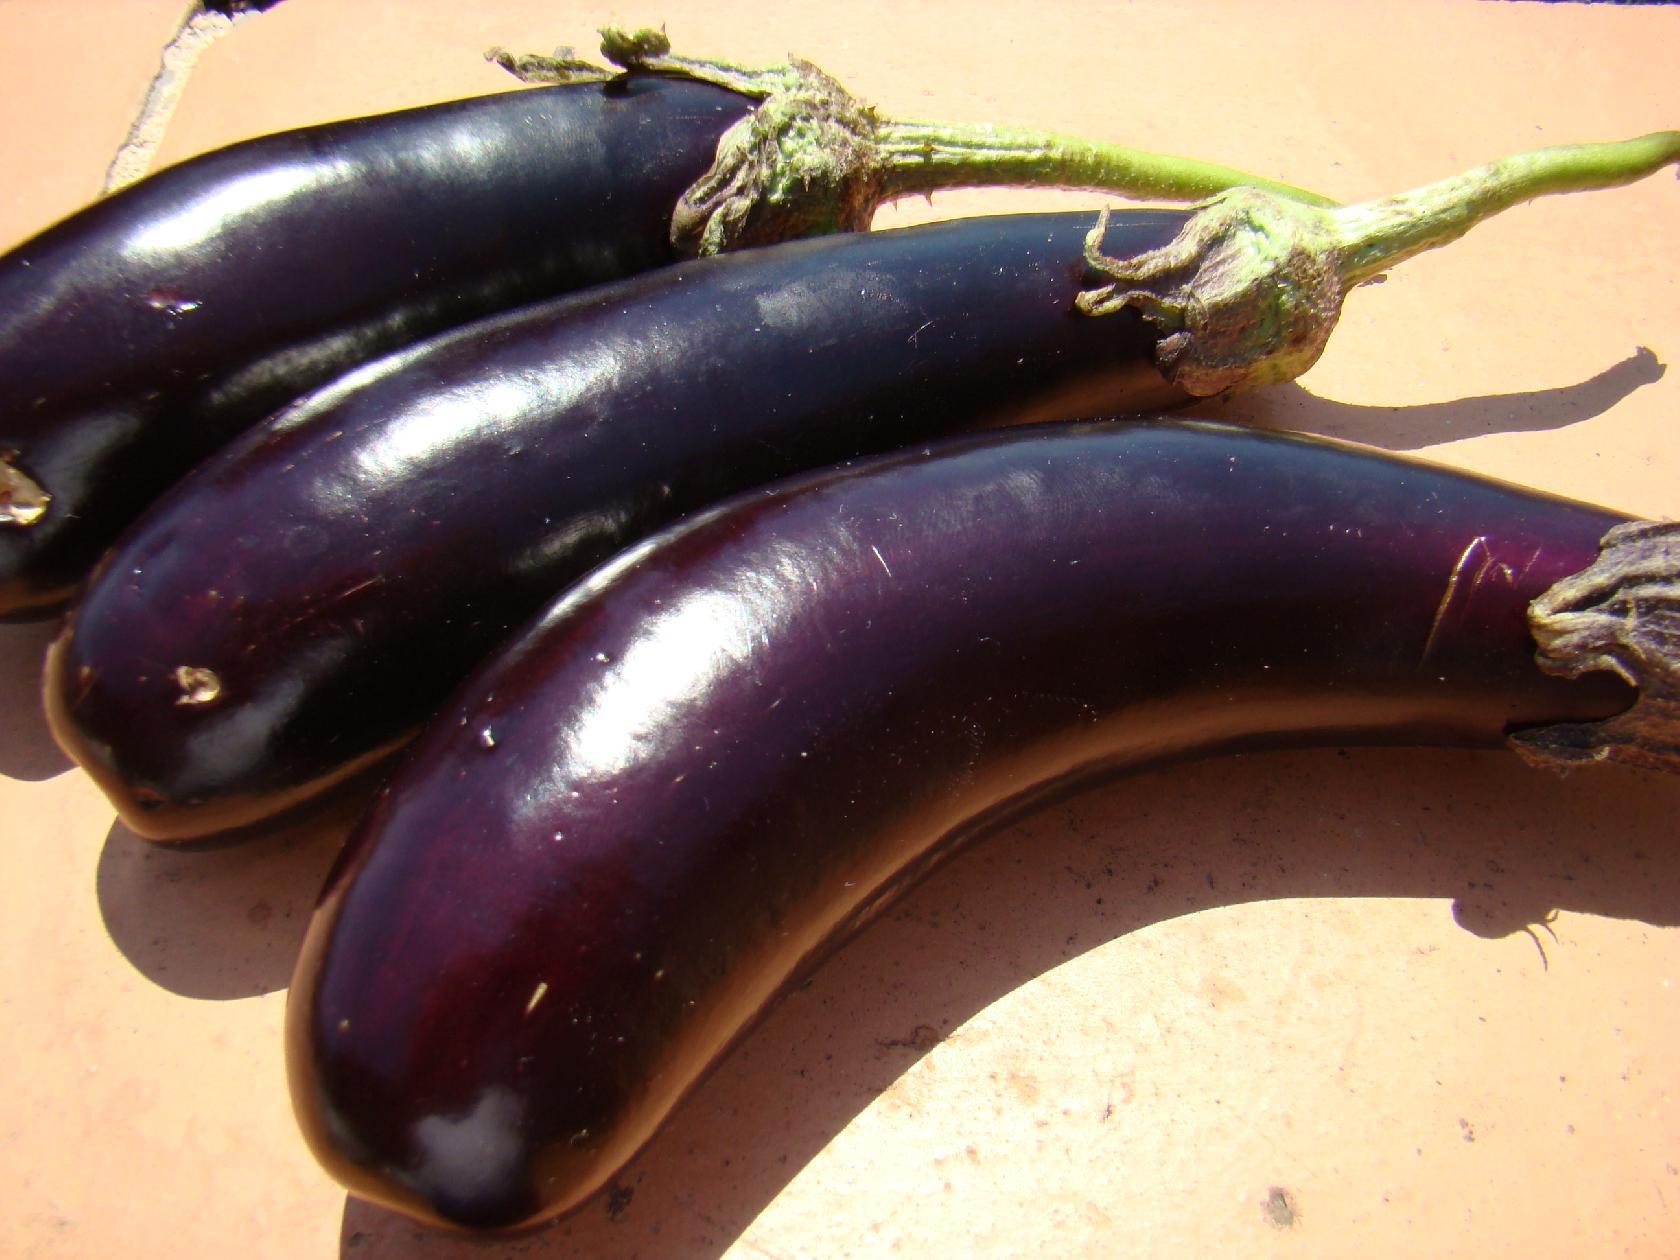 Aubergines au sel et vinaigre huile d 39 olive conserve for Aubergines en conserve maison